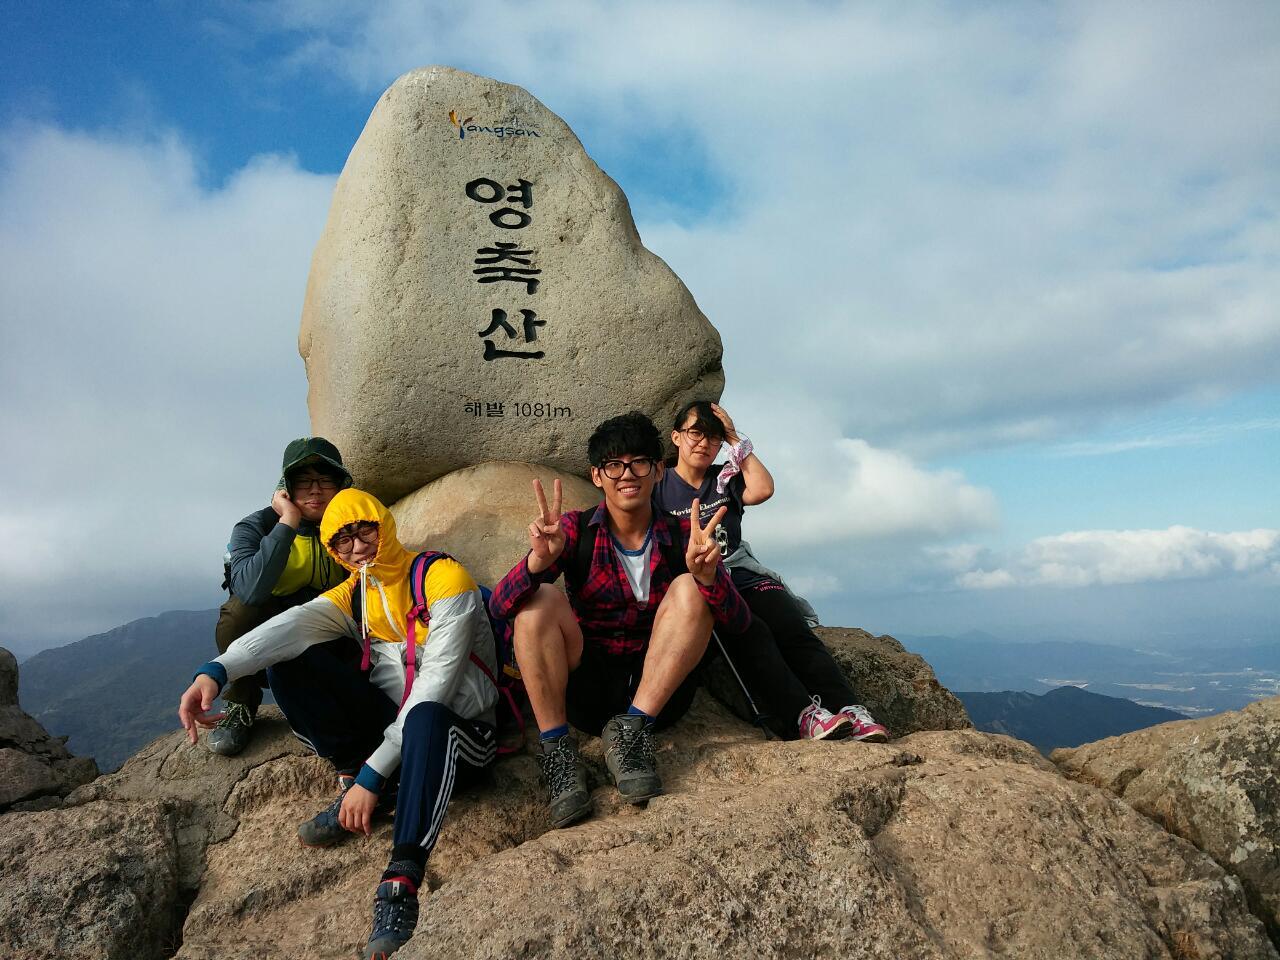 영남알프스 등산 (3)